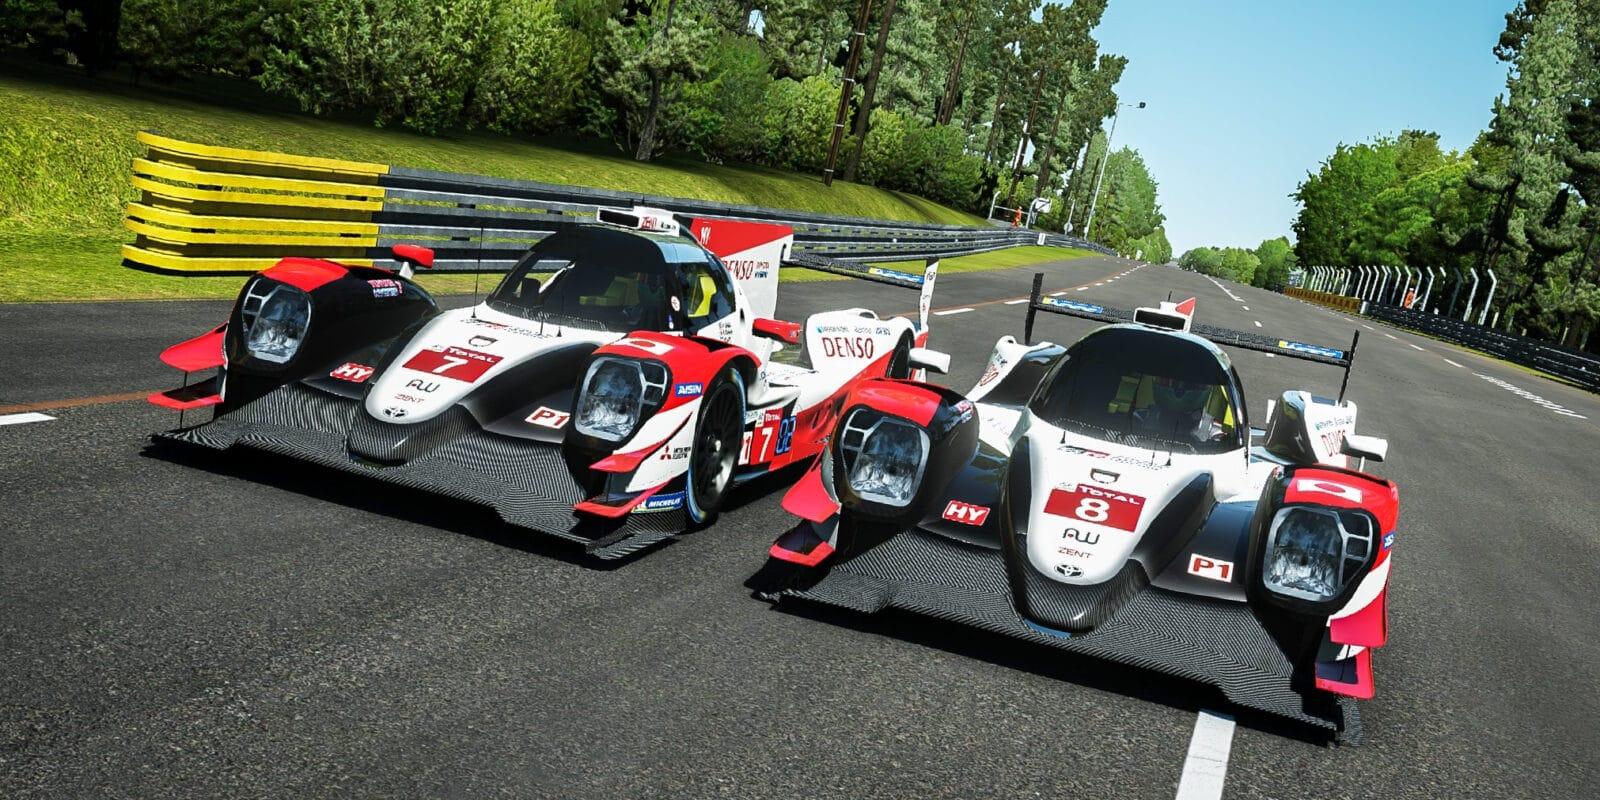 Dnes měla startovat 24hodinovka v Le Mans. Nakonec se pojede virtuálně